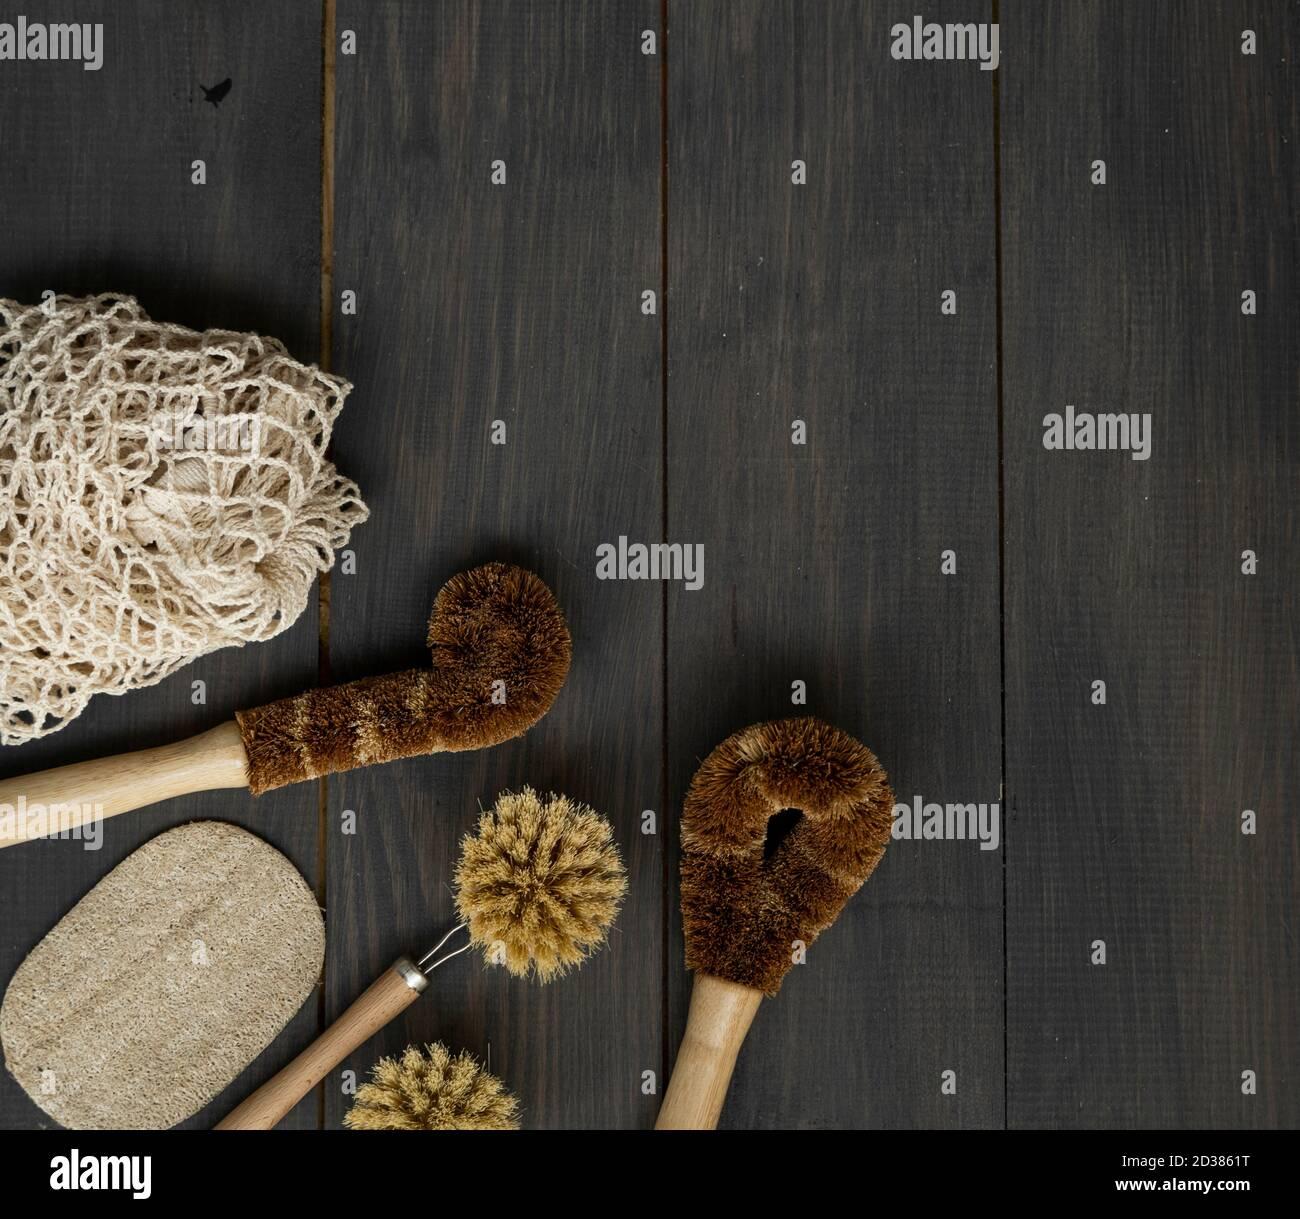 Zero Waste Kit. Set aus umweltfreundlichen Reinigungsbürsten, Mesh-Baumwollbeuteln und Loofah. Zubehör für natürliche und wiederverwendbare Artikel. Stockfoto